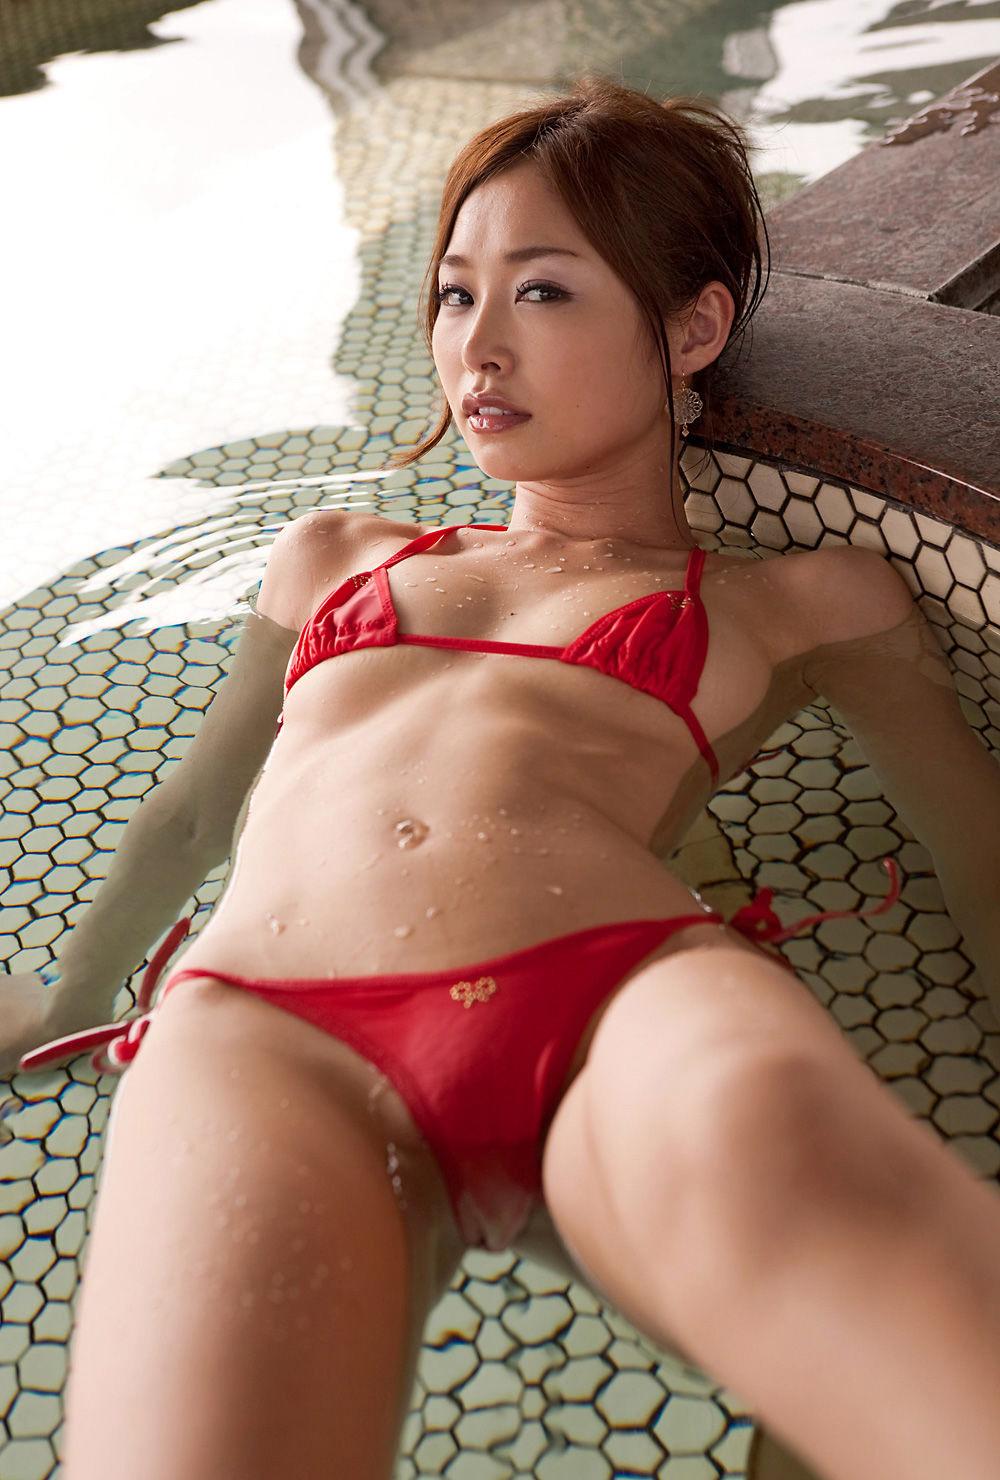 原更紗(夏目彩春) 画像 59